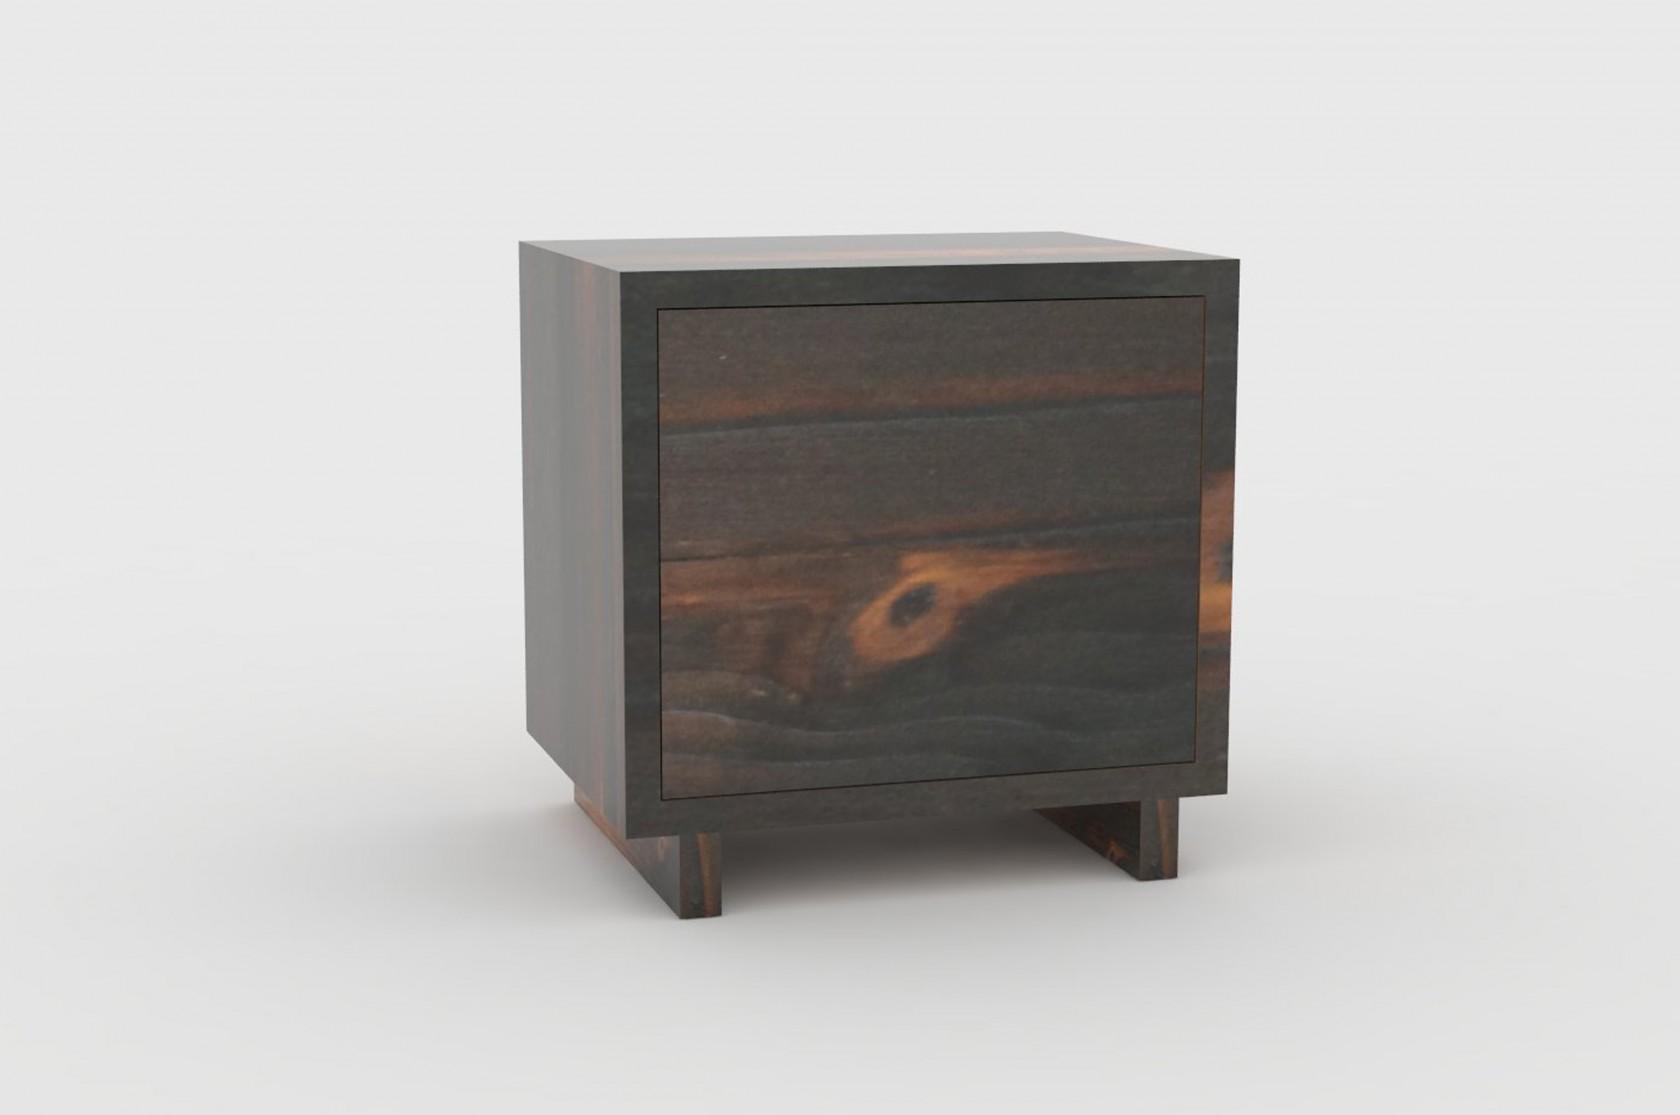 chevets en bois fum ludovic avenel b niste cr ateur paris. Black Bedroom Furniture Sets. Home Design Ideas